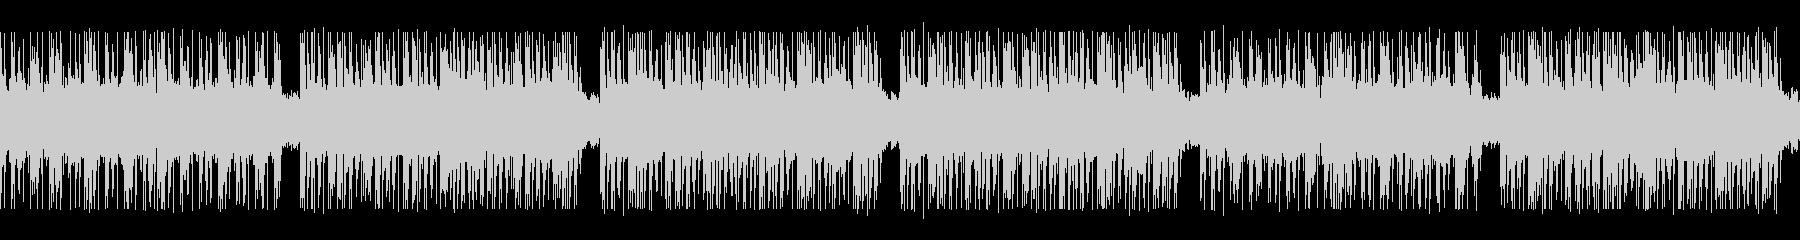 ゲーム映画バトル用攻撃的2-2ループ処理の未再生の波形